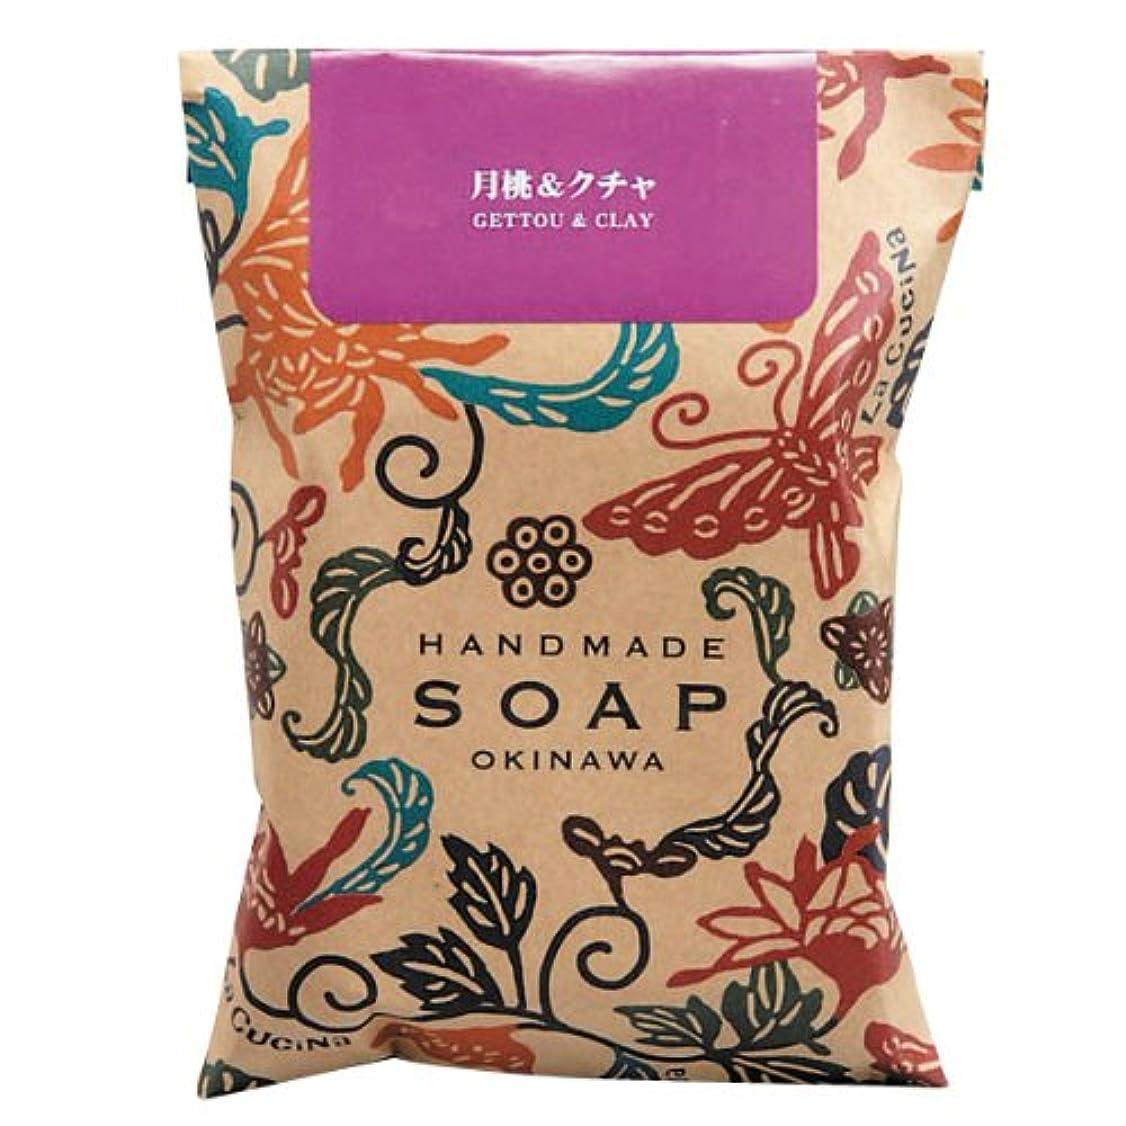 可動式作物感情のラクッチーナ 月桃とクチャの石鹸